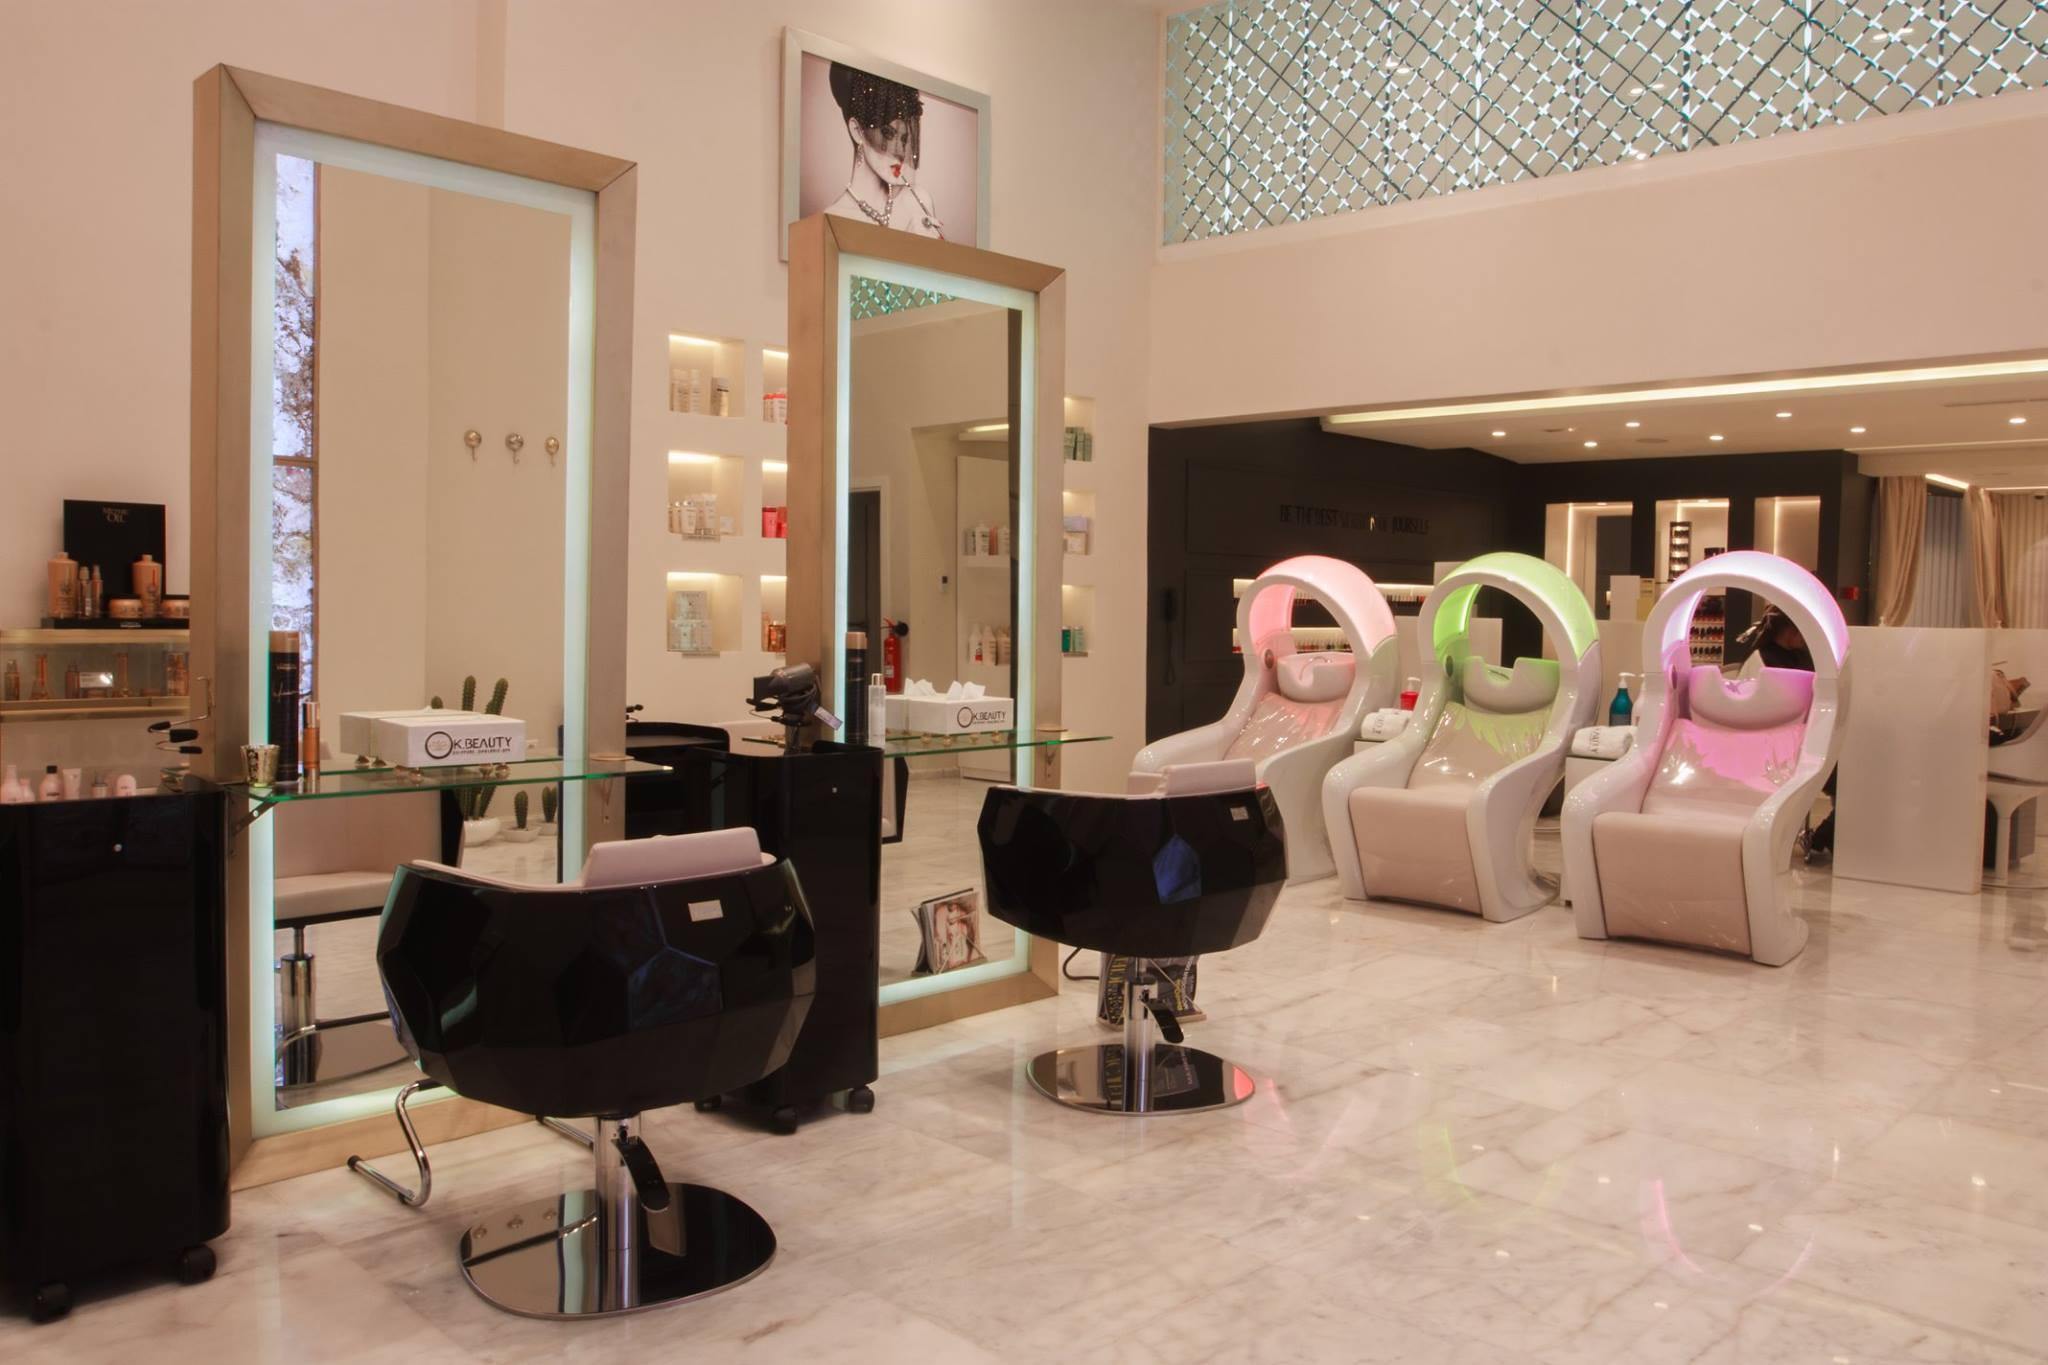 Architecture d 39 interieur casablanca rabat fes tanger dar bouazza marrakech agadir oujda kenita - Salon de coiffure luxe paris ...